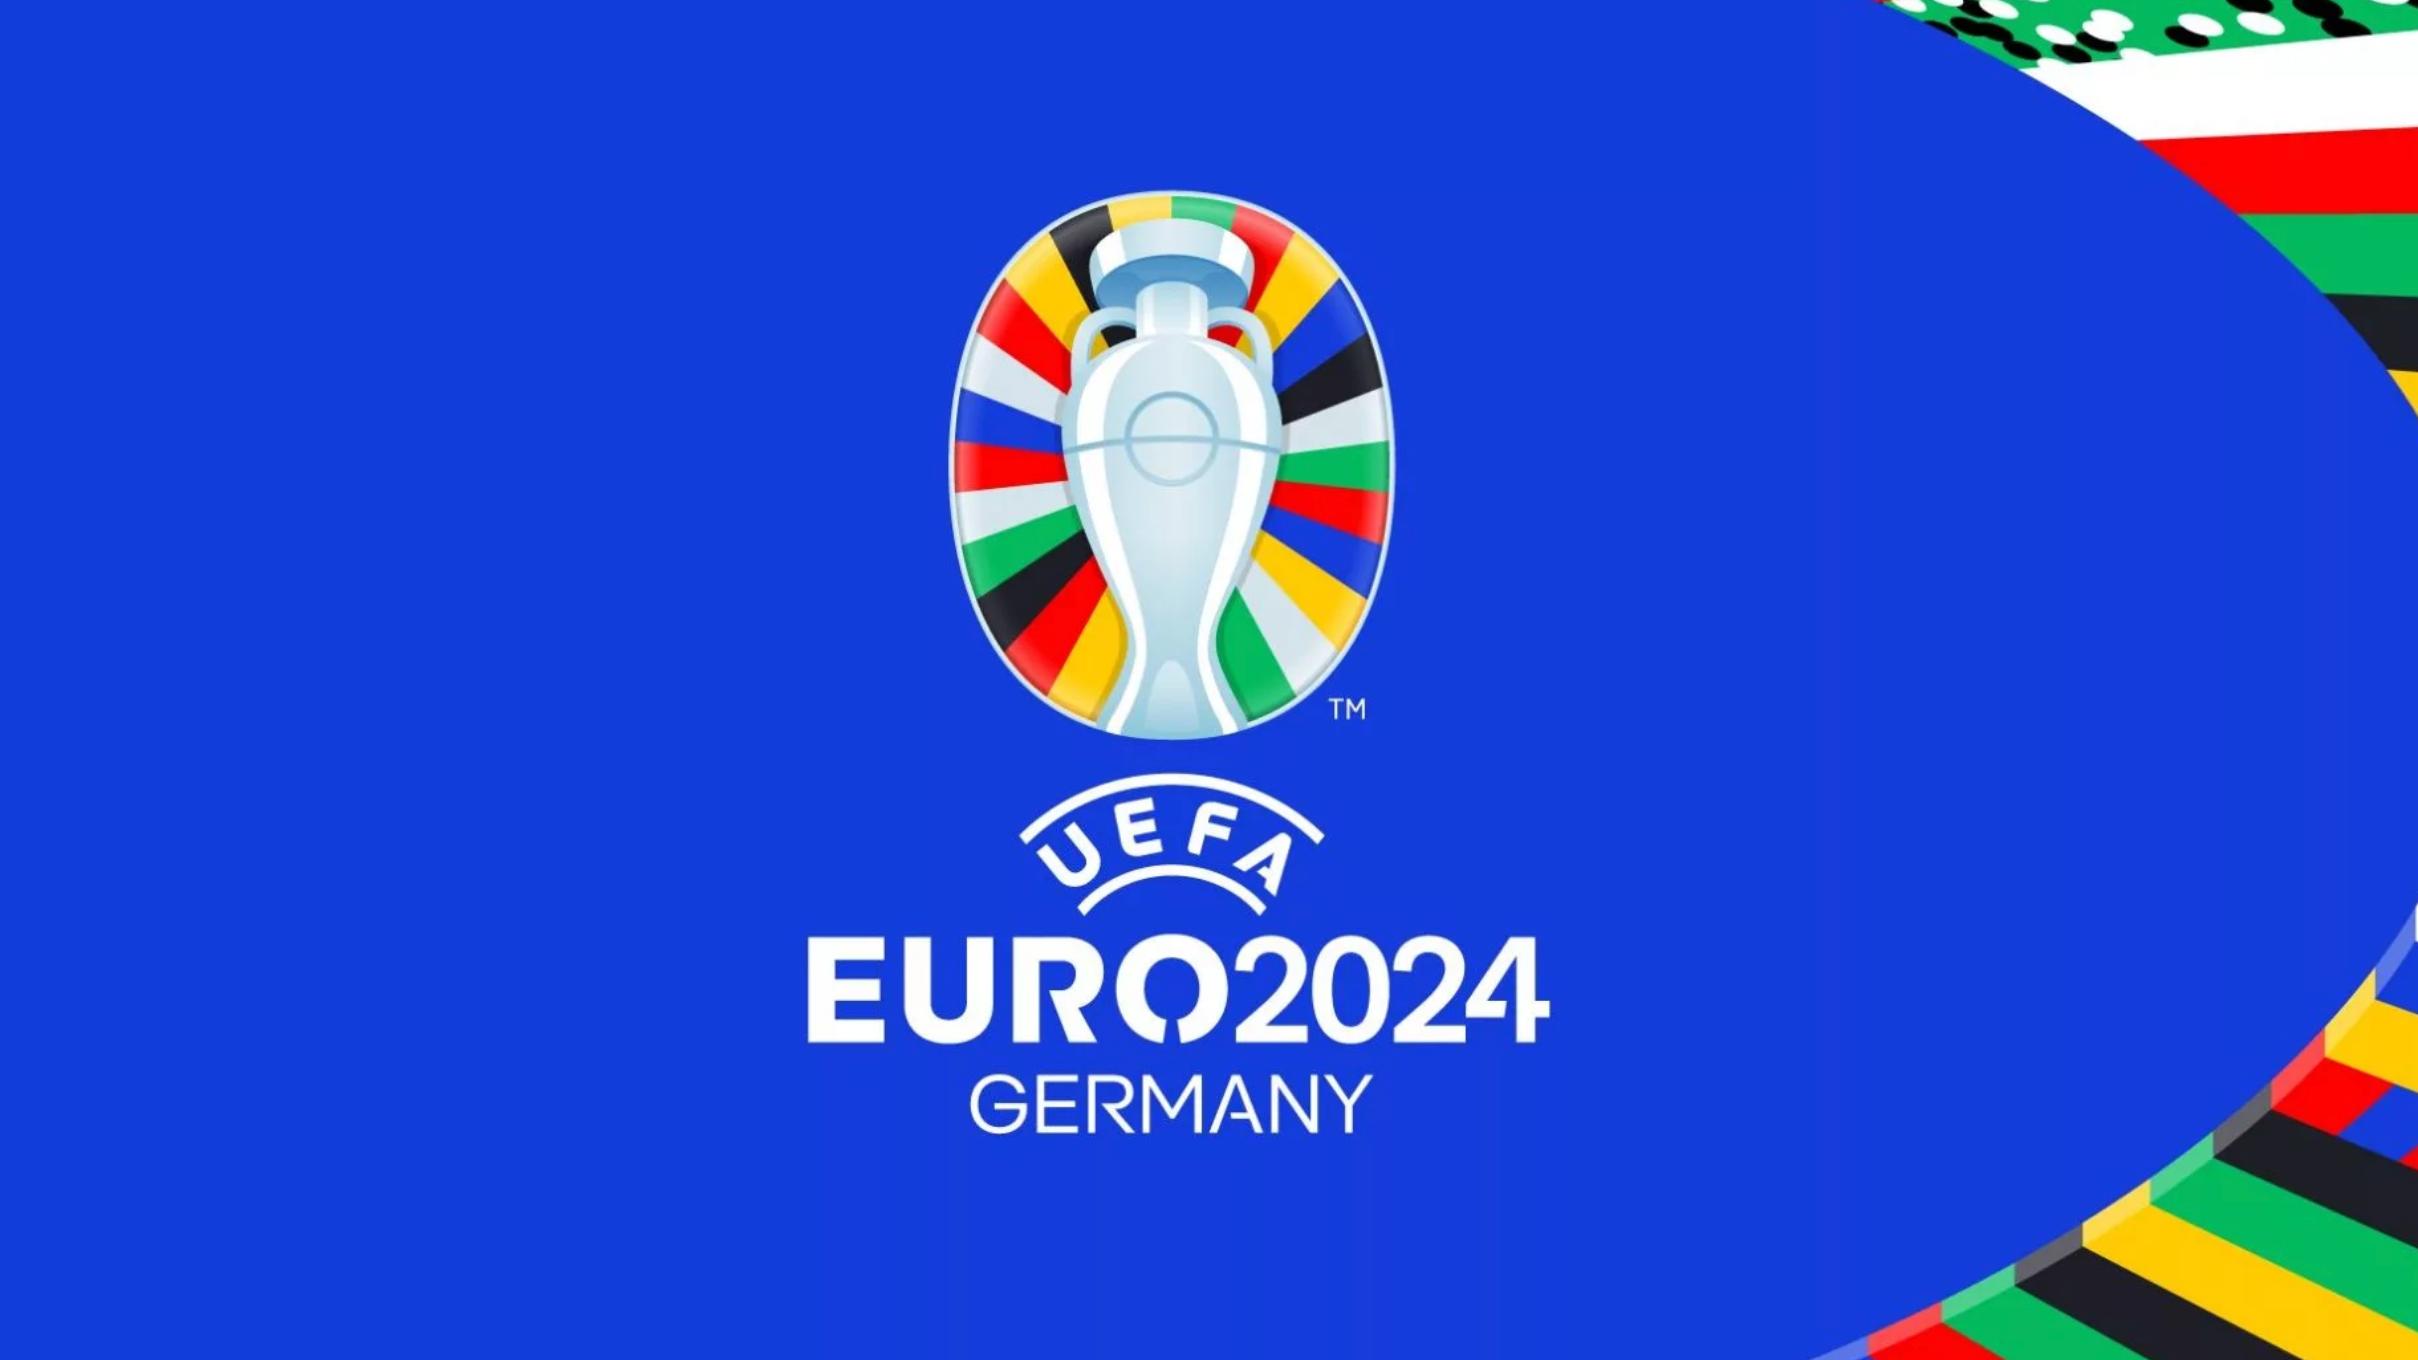 Das ist das Logo zur UEFA EURO 2024